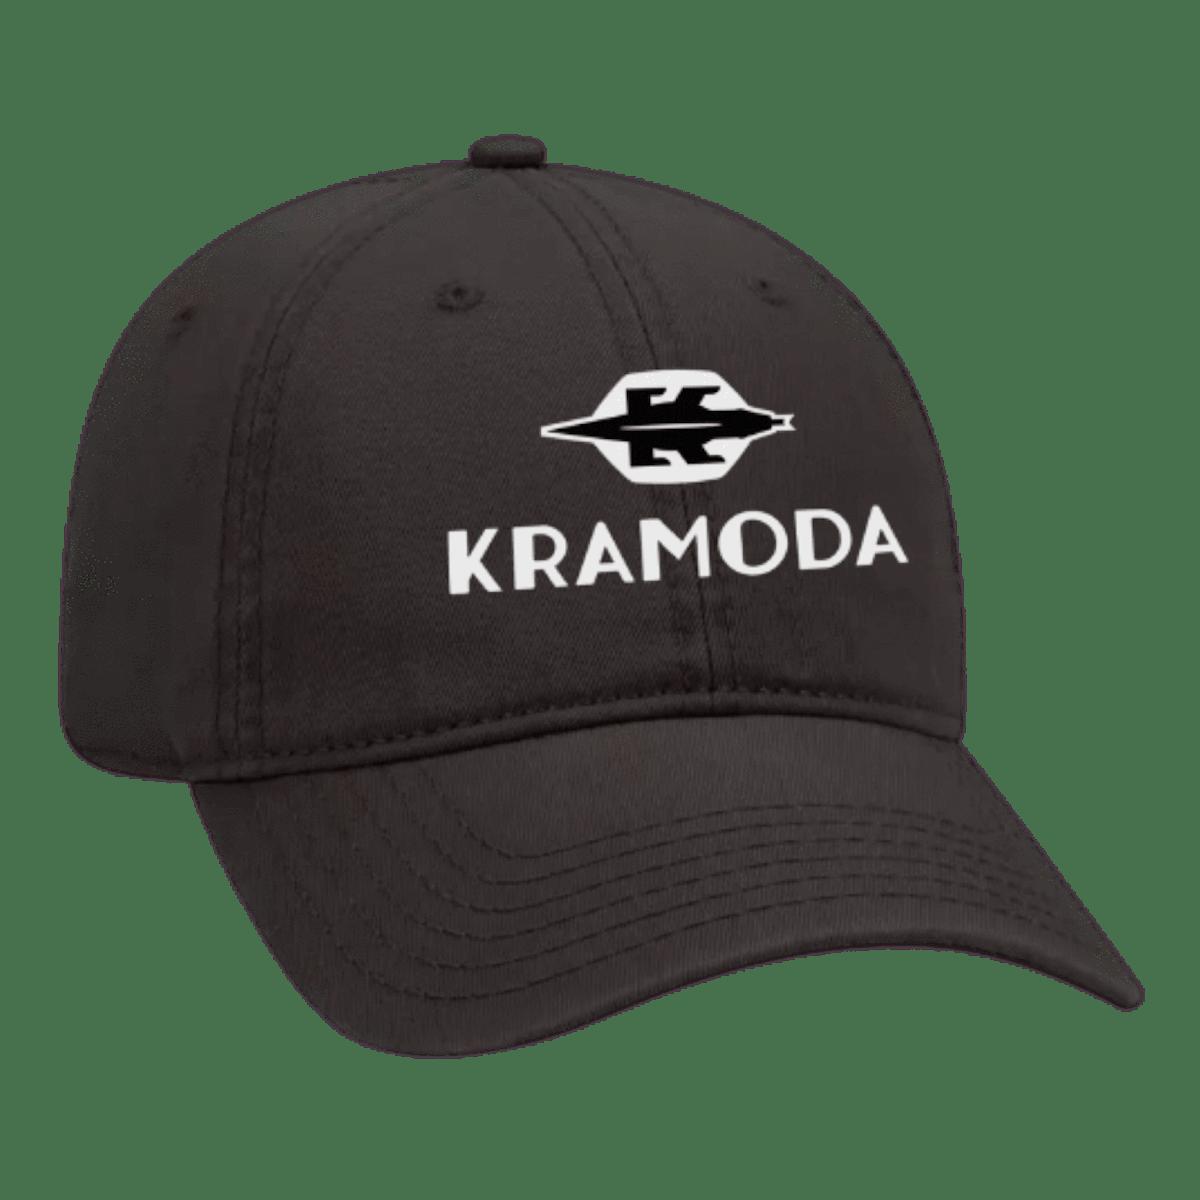 KRAMODA HAT